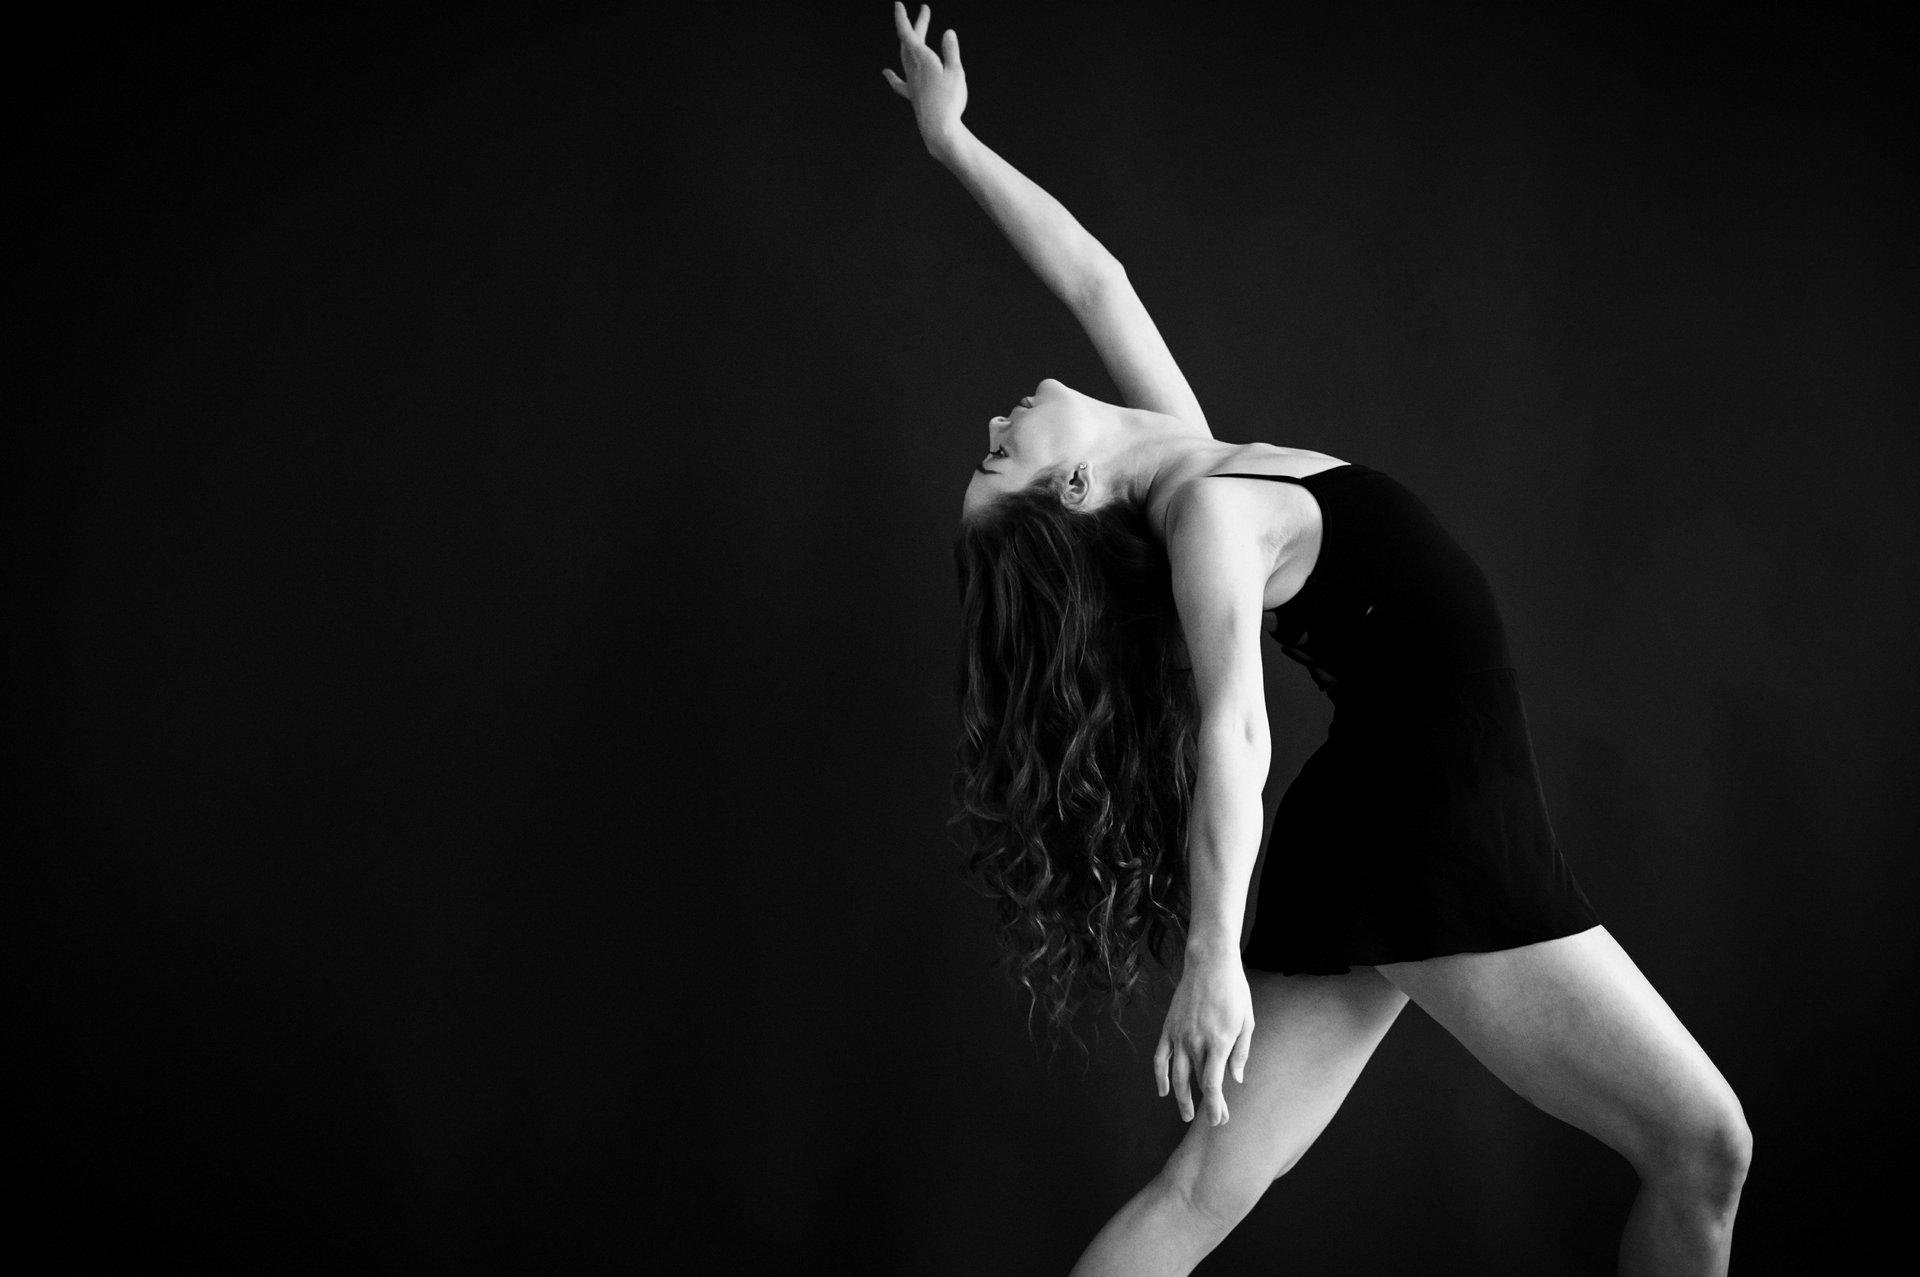 nEO_IMG_Marissa Dance-25-BW.jpg